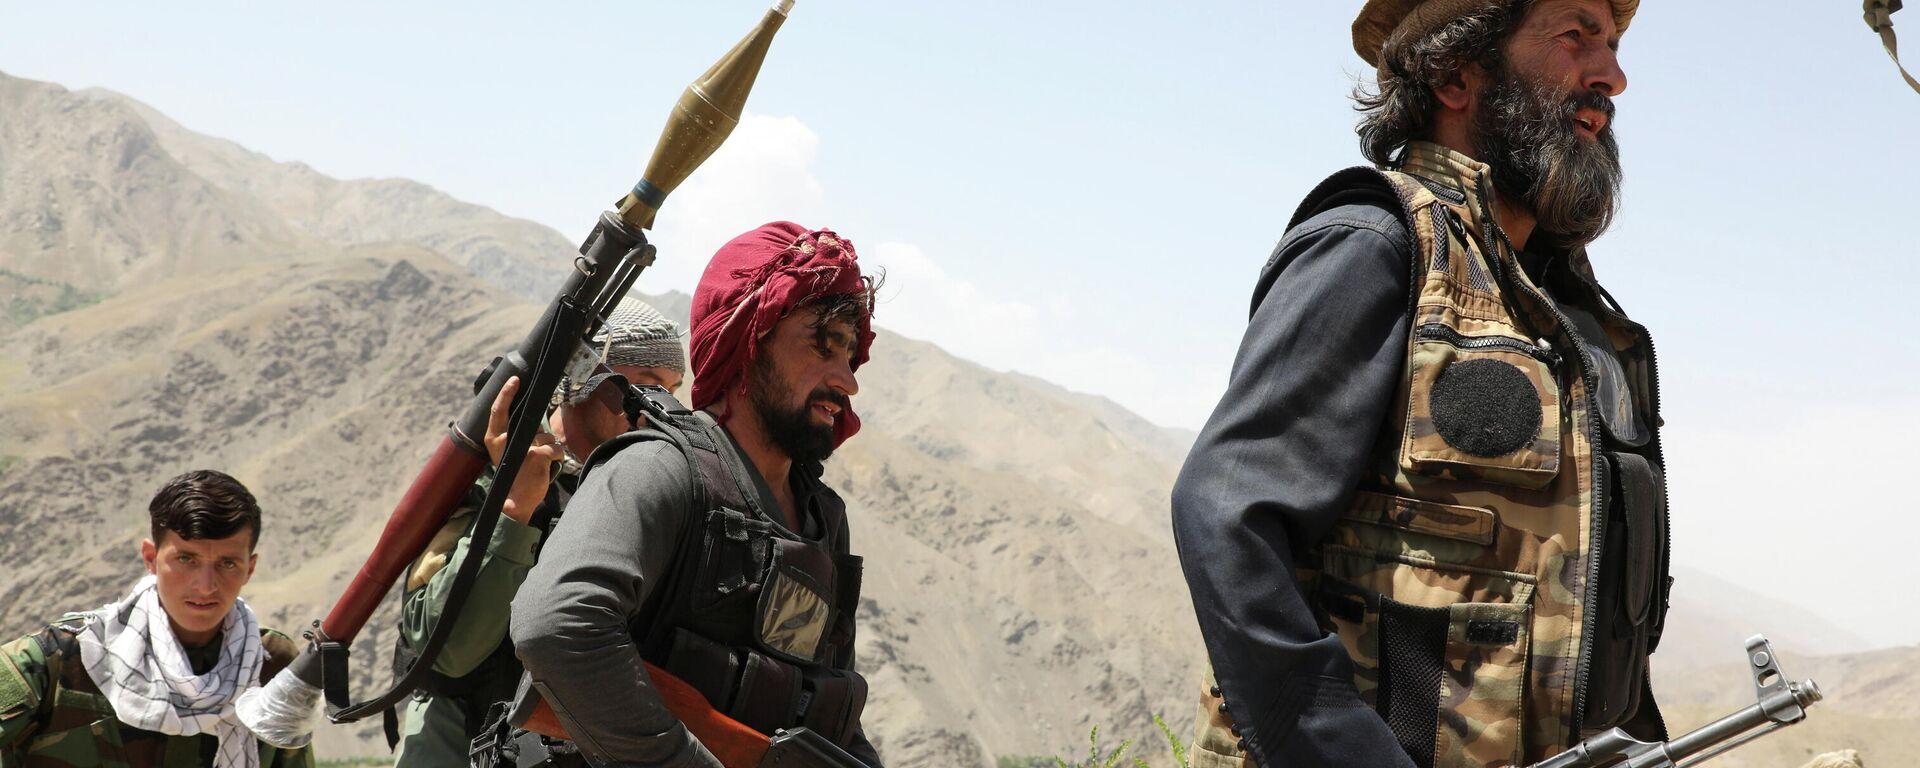 Hombres armados que están en contra de los talibanes caminan por el territorio de su puesto de control en el distrito de Ghorband, provincia de Parwan, Afganistán, el 29 de junio de 2021.  - Sputnik Mundo, 1920, 10.07.2021